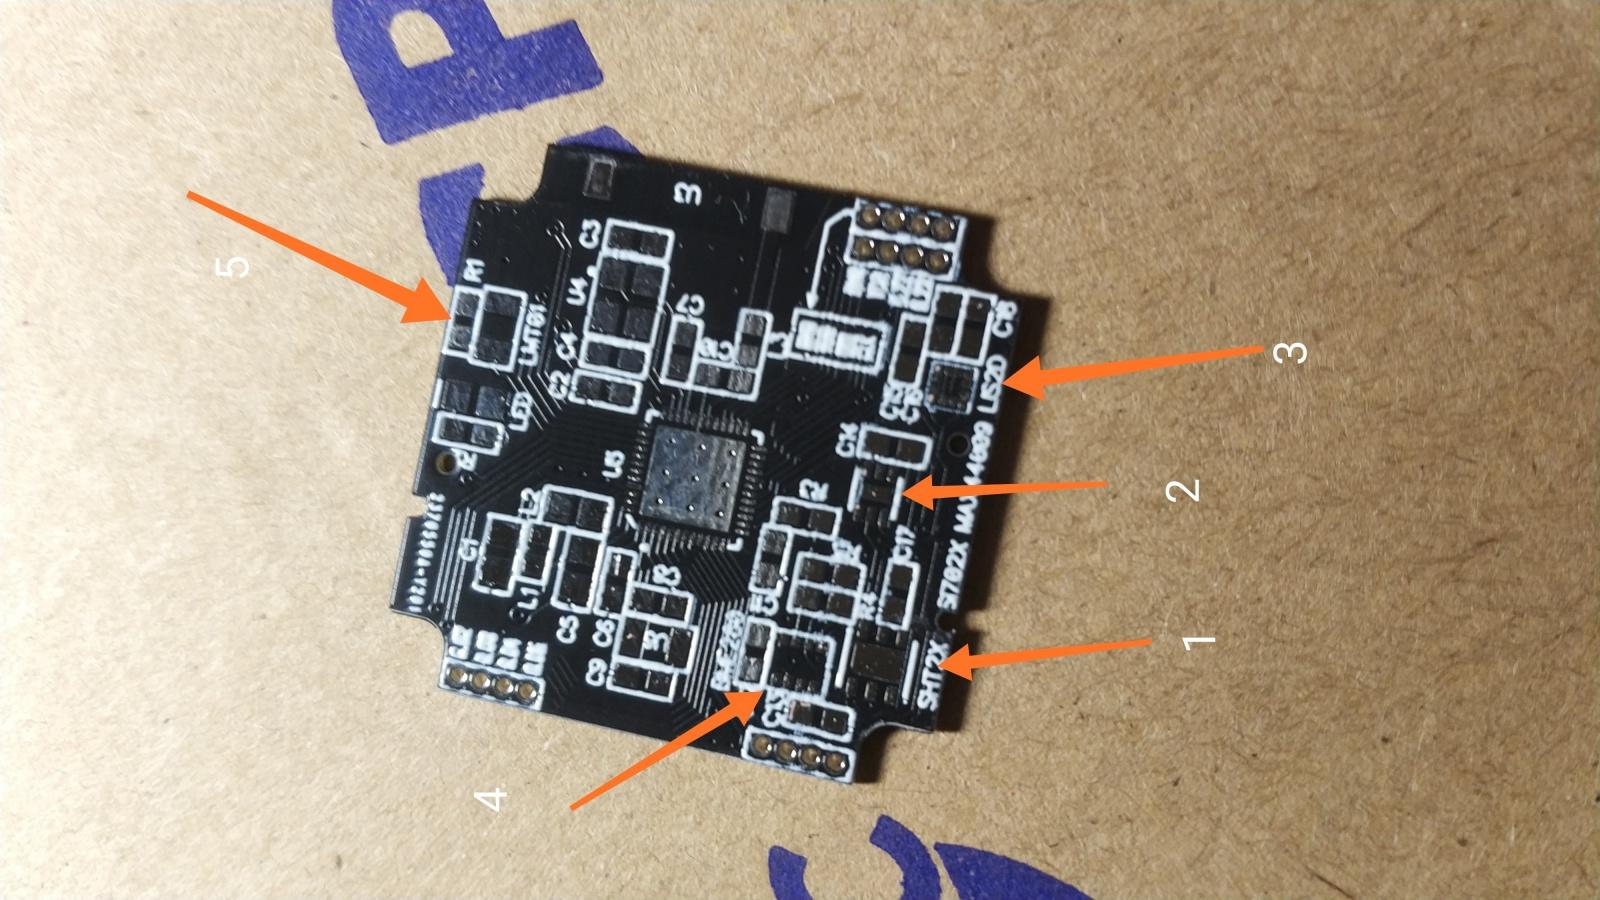 Мультисенсорный беспроводной микро DIY датчик - 8